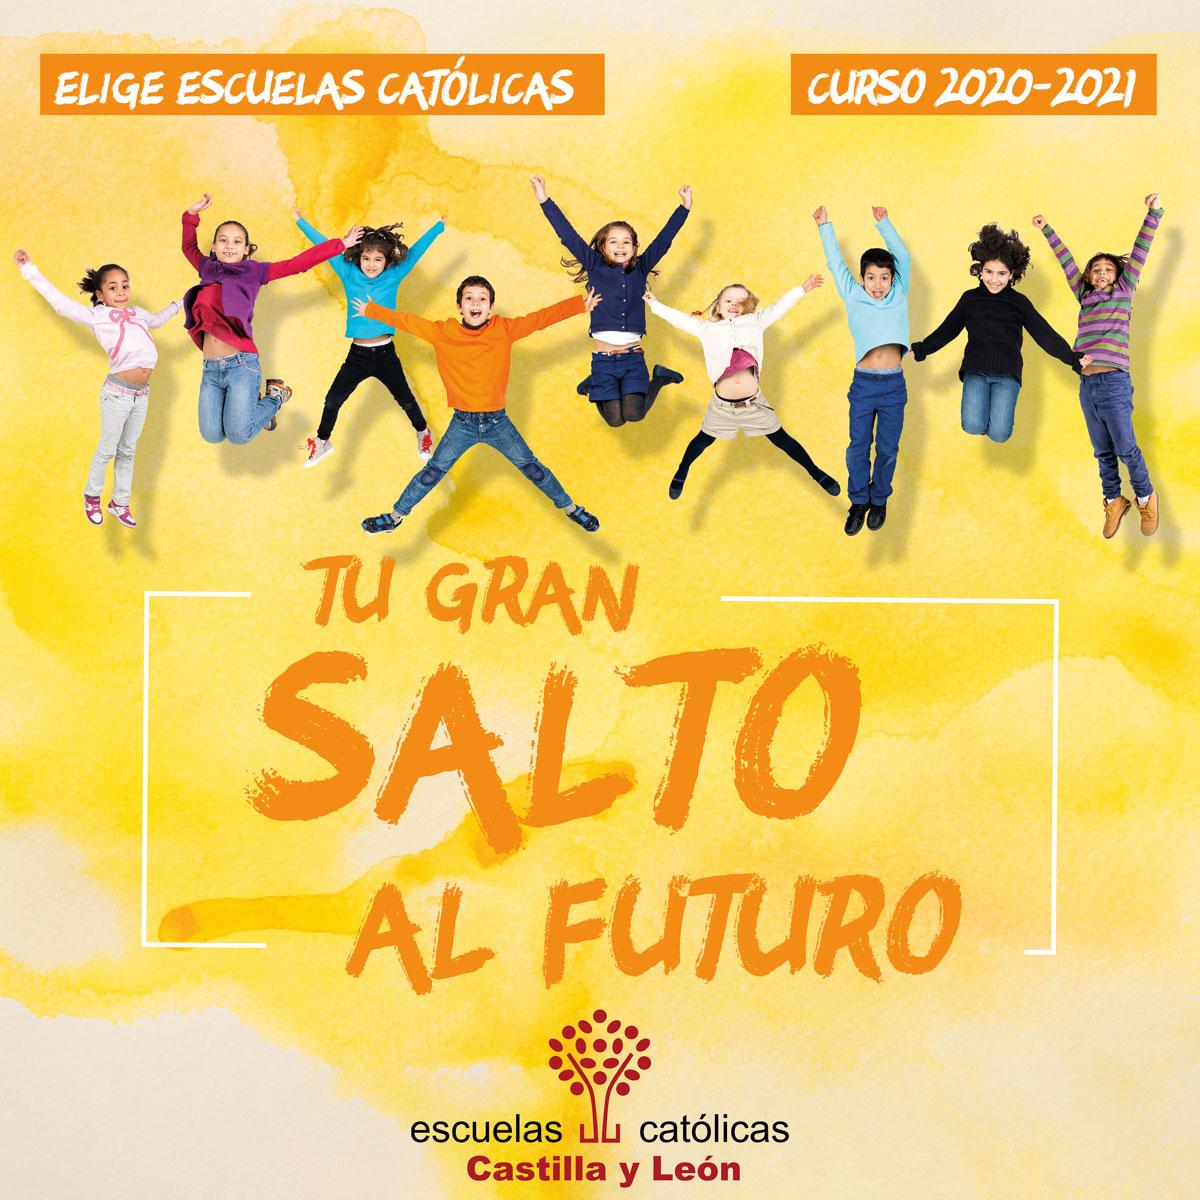 Escolarizacion 2020-2021